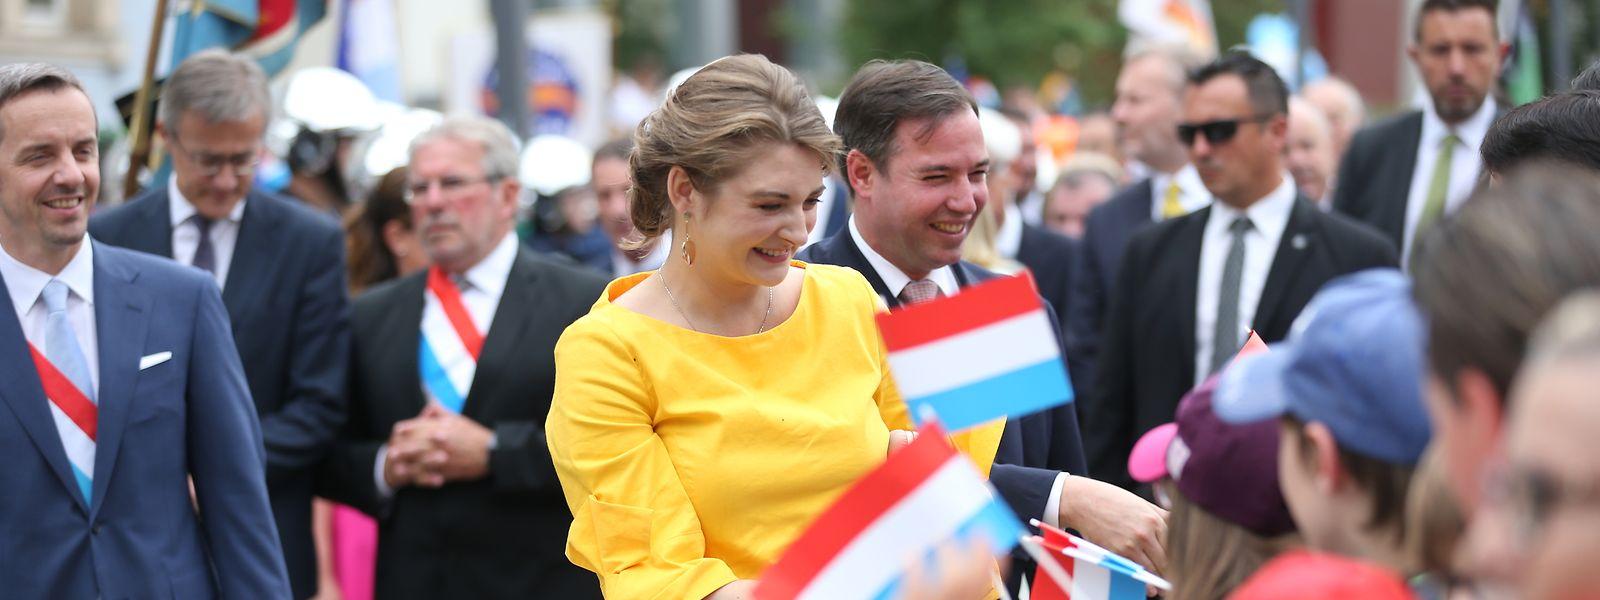 Erbgroßherzog Guillaume und Prinzessin Stéphanie nahmen sich viel Zeit, um die Leute zu begrüßen und mit ihnen ein paar Worte zu wechseln.